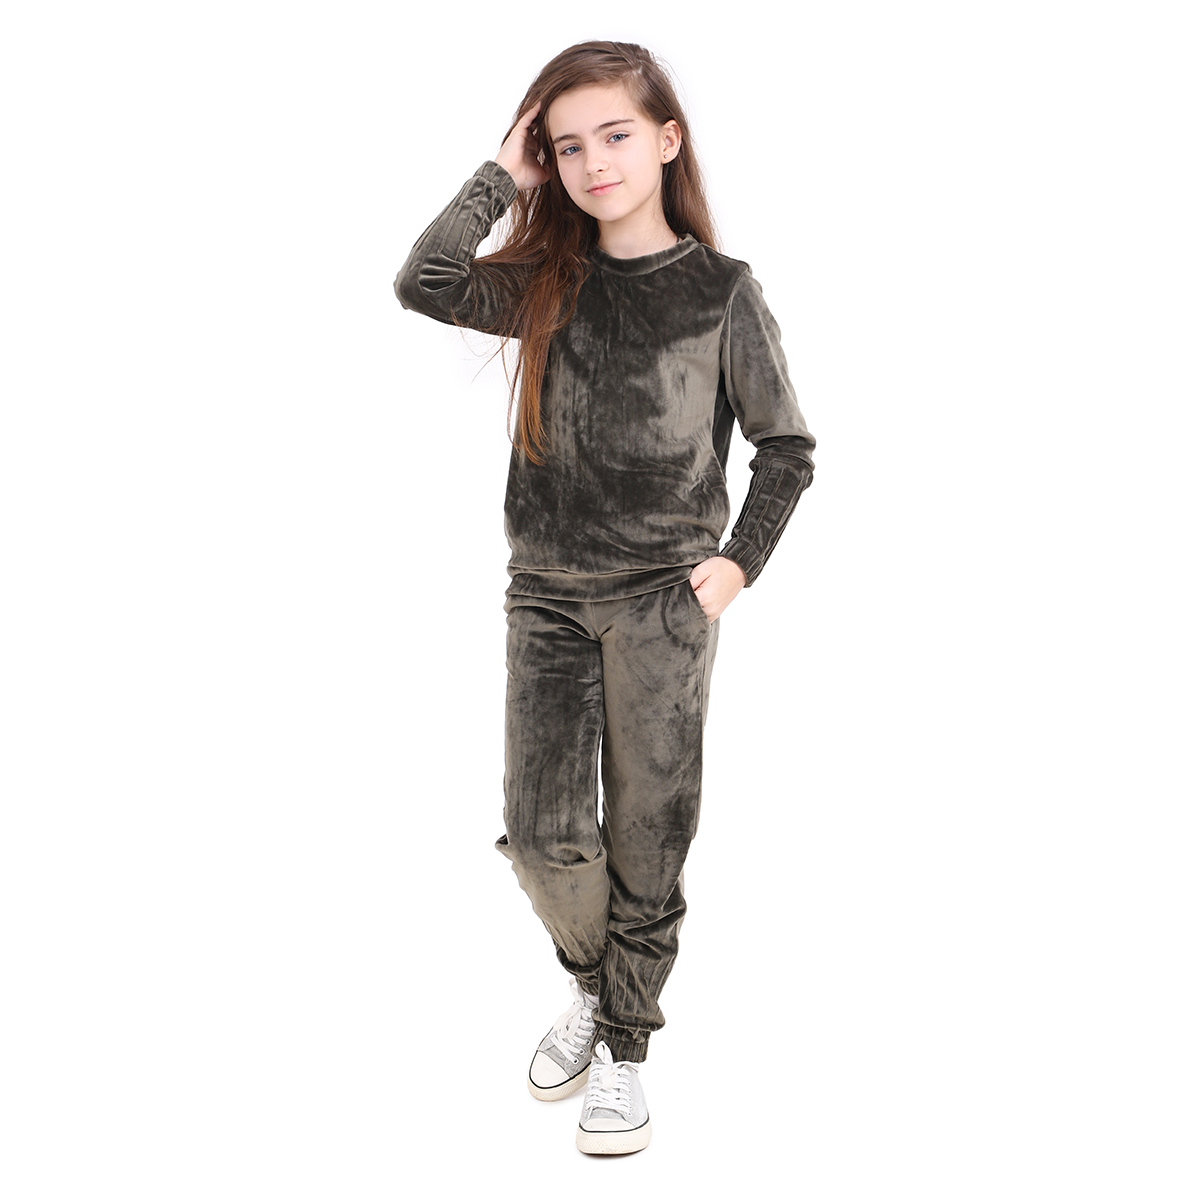 bac53f90 Спортивный костюм для девочки Timbo Bella K044576 хаки купить в ...